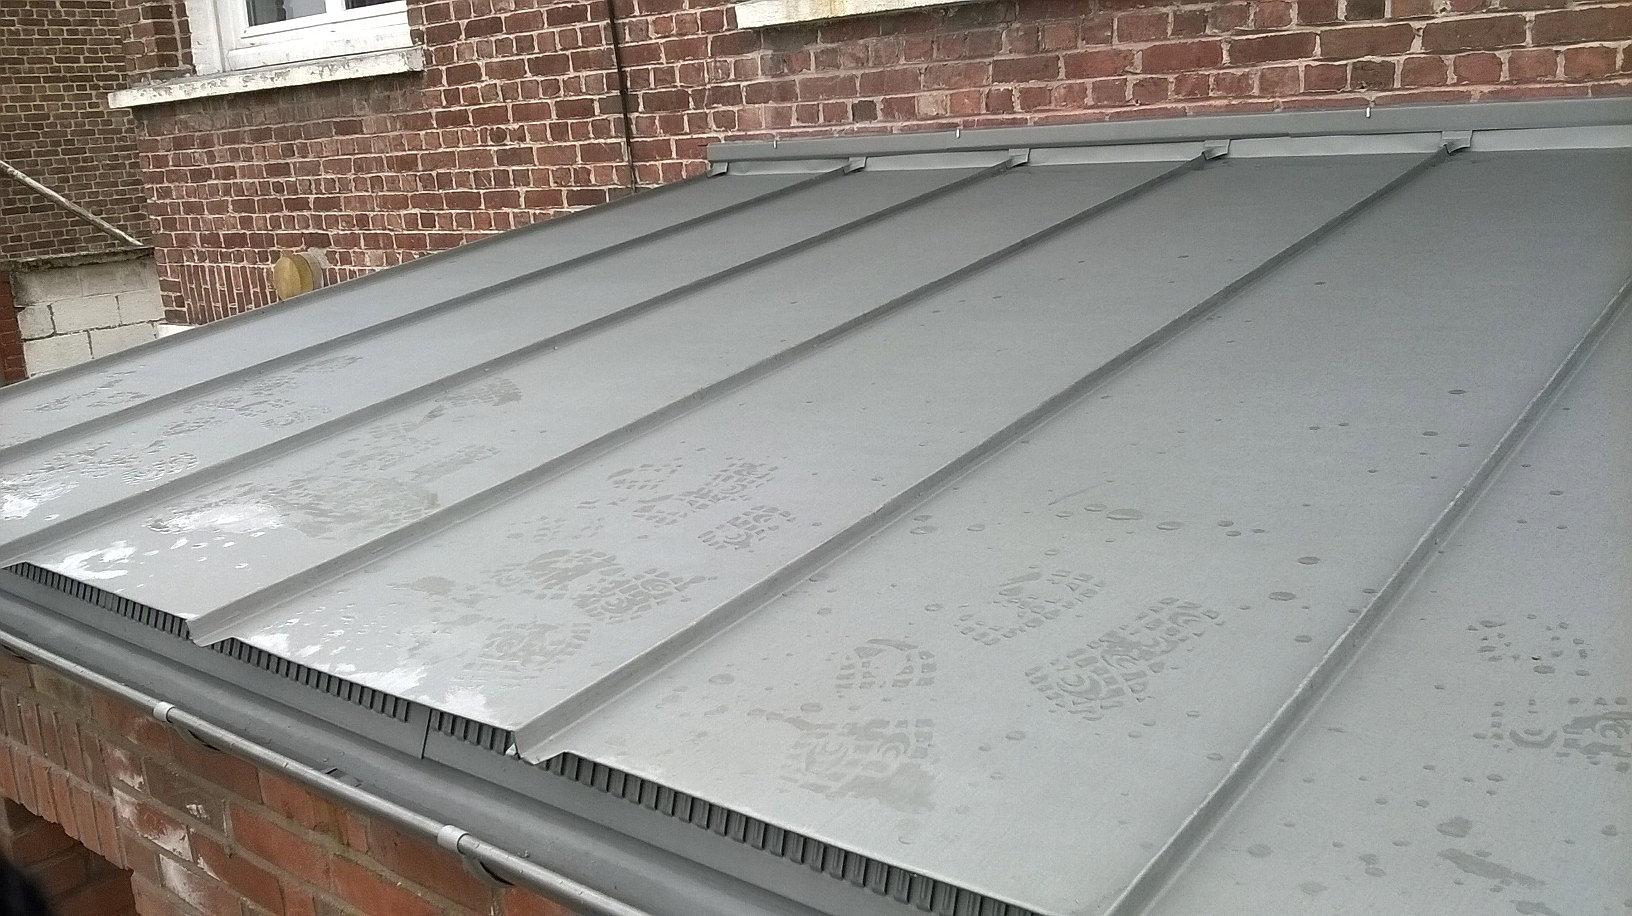 Sarl articouv gondecourt toiture zinc joint for Toiture zinc joint debout